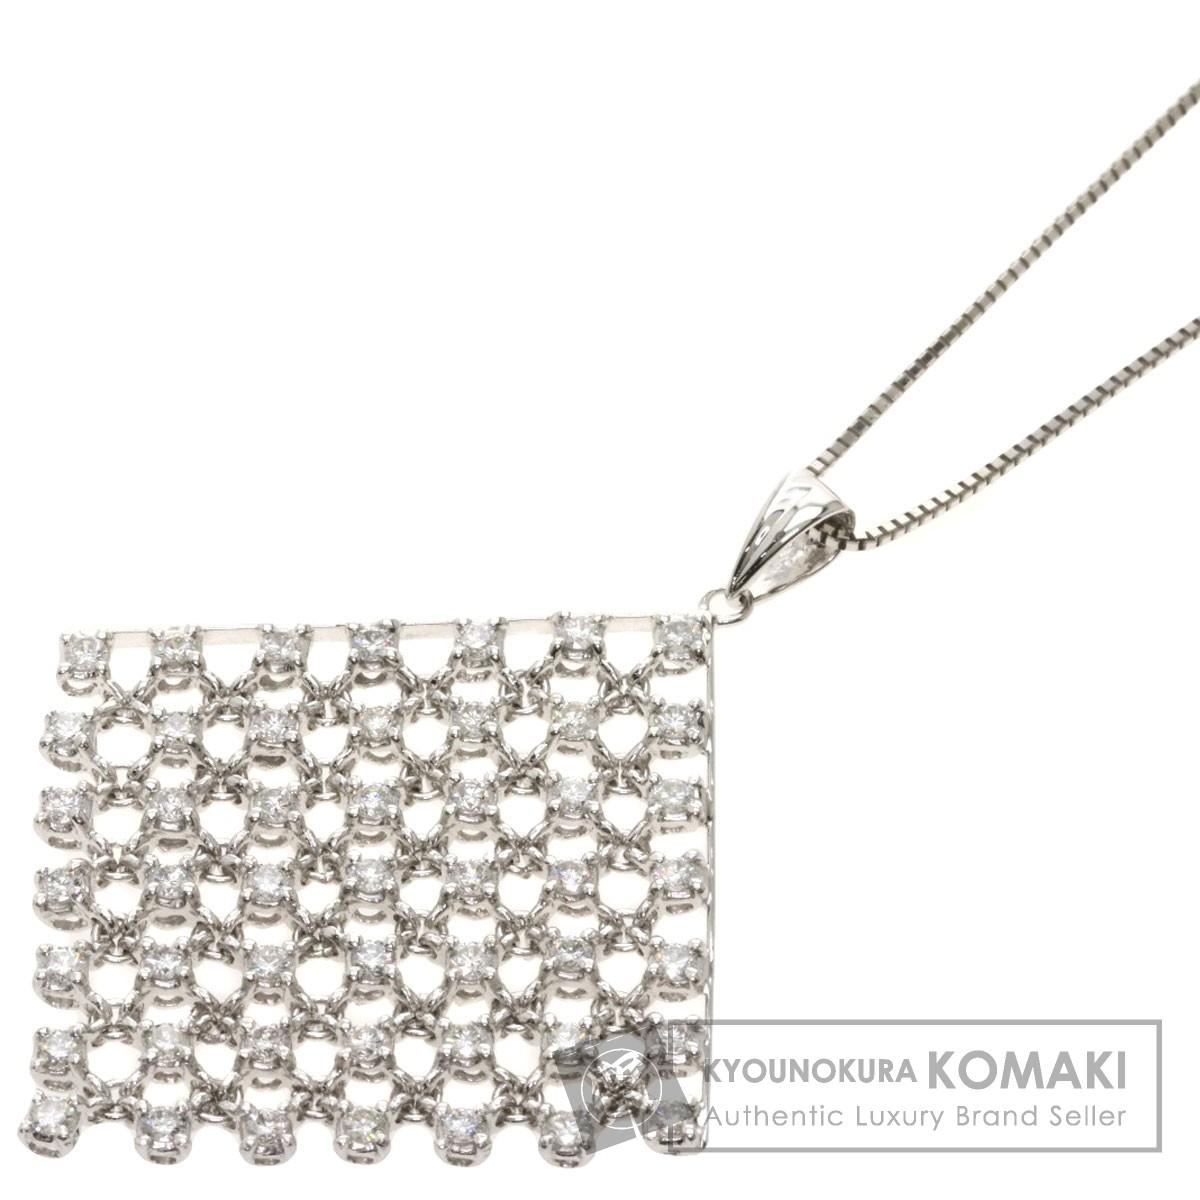 ダイヤモンド ネックレス K18ホワイトゴールド 7.3g レディース 【中古】